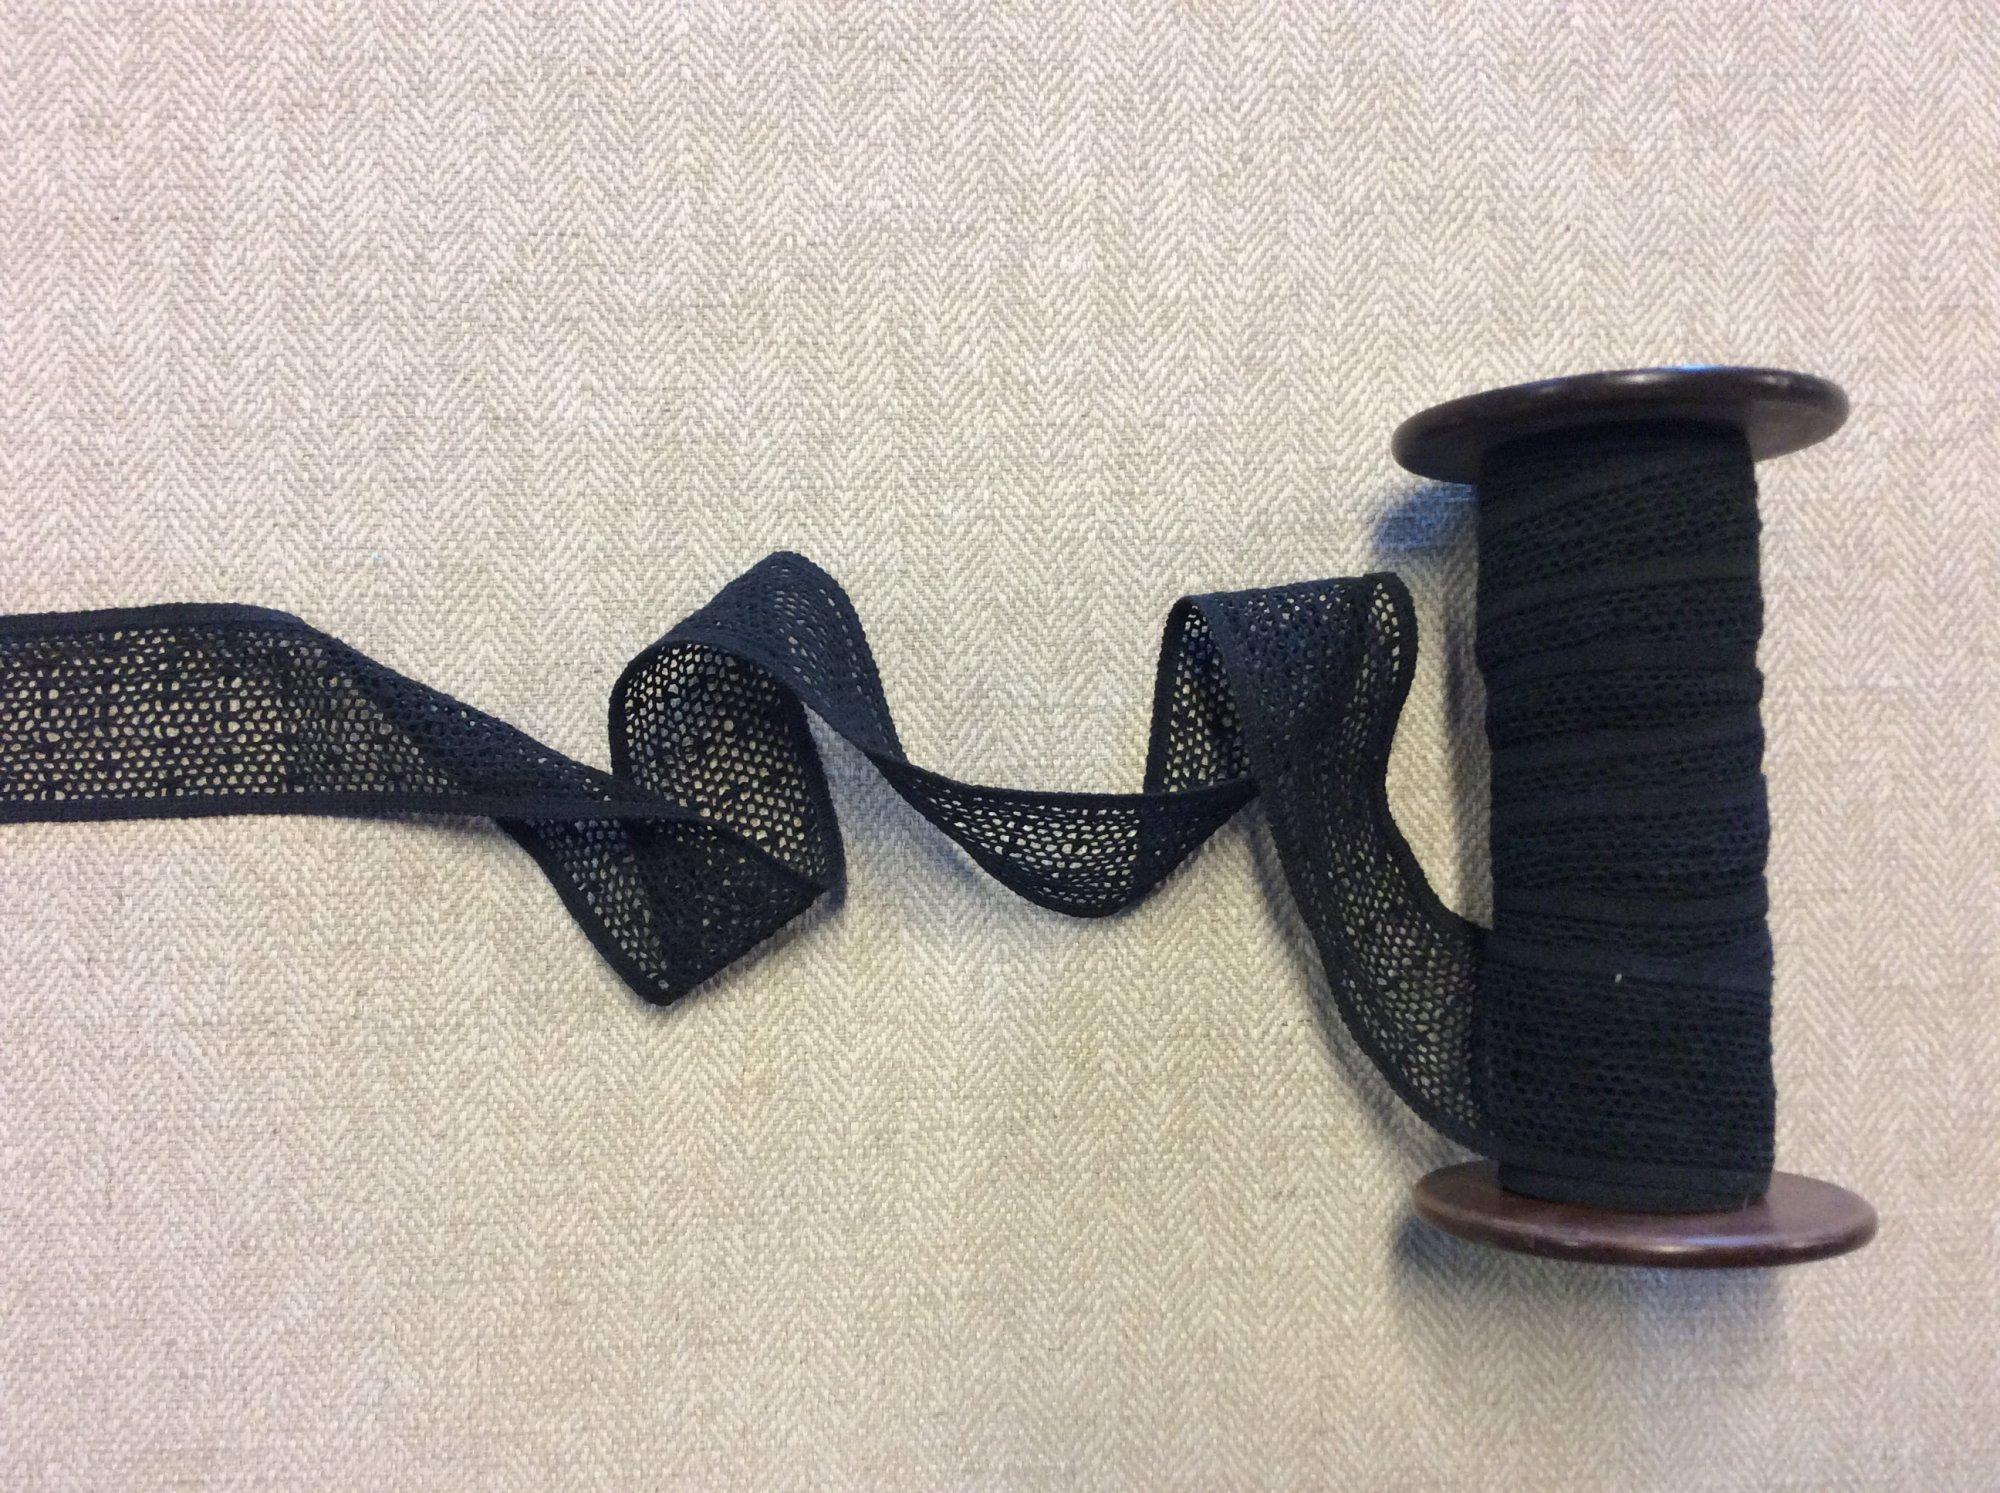 Contemporary Black lace Trim Apparel Net Cotton Ribbon TRIM985